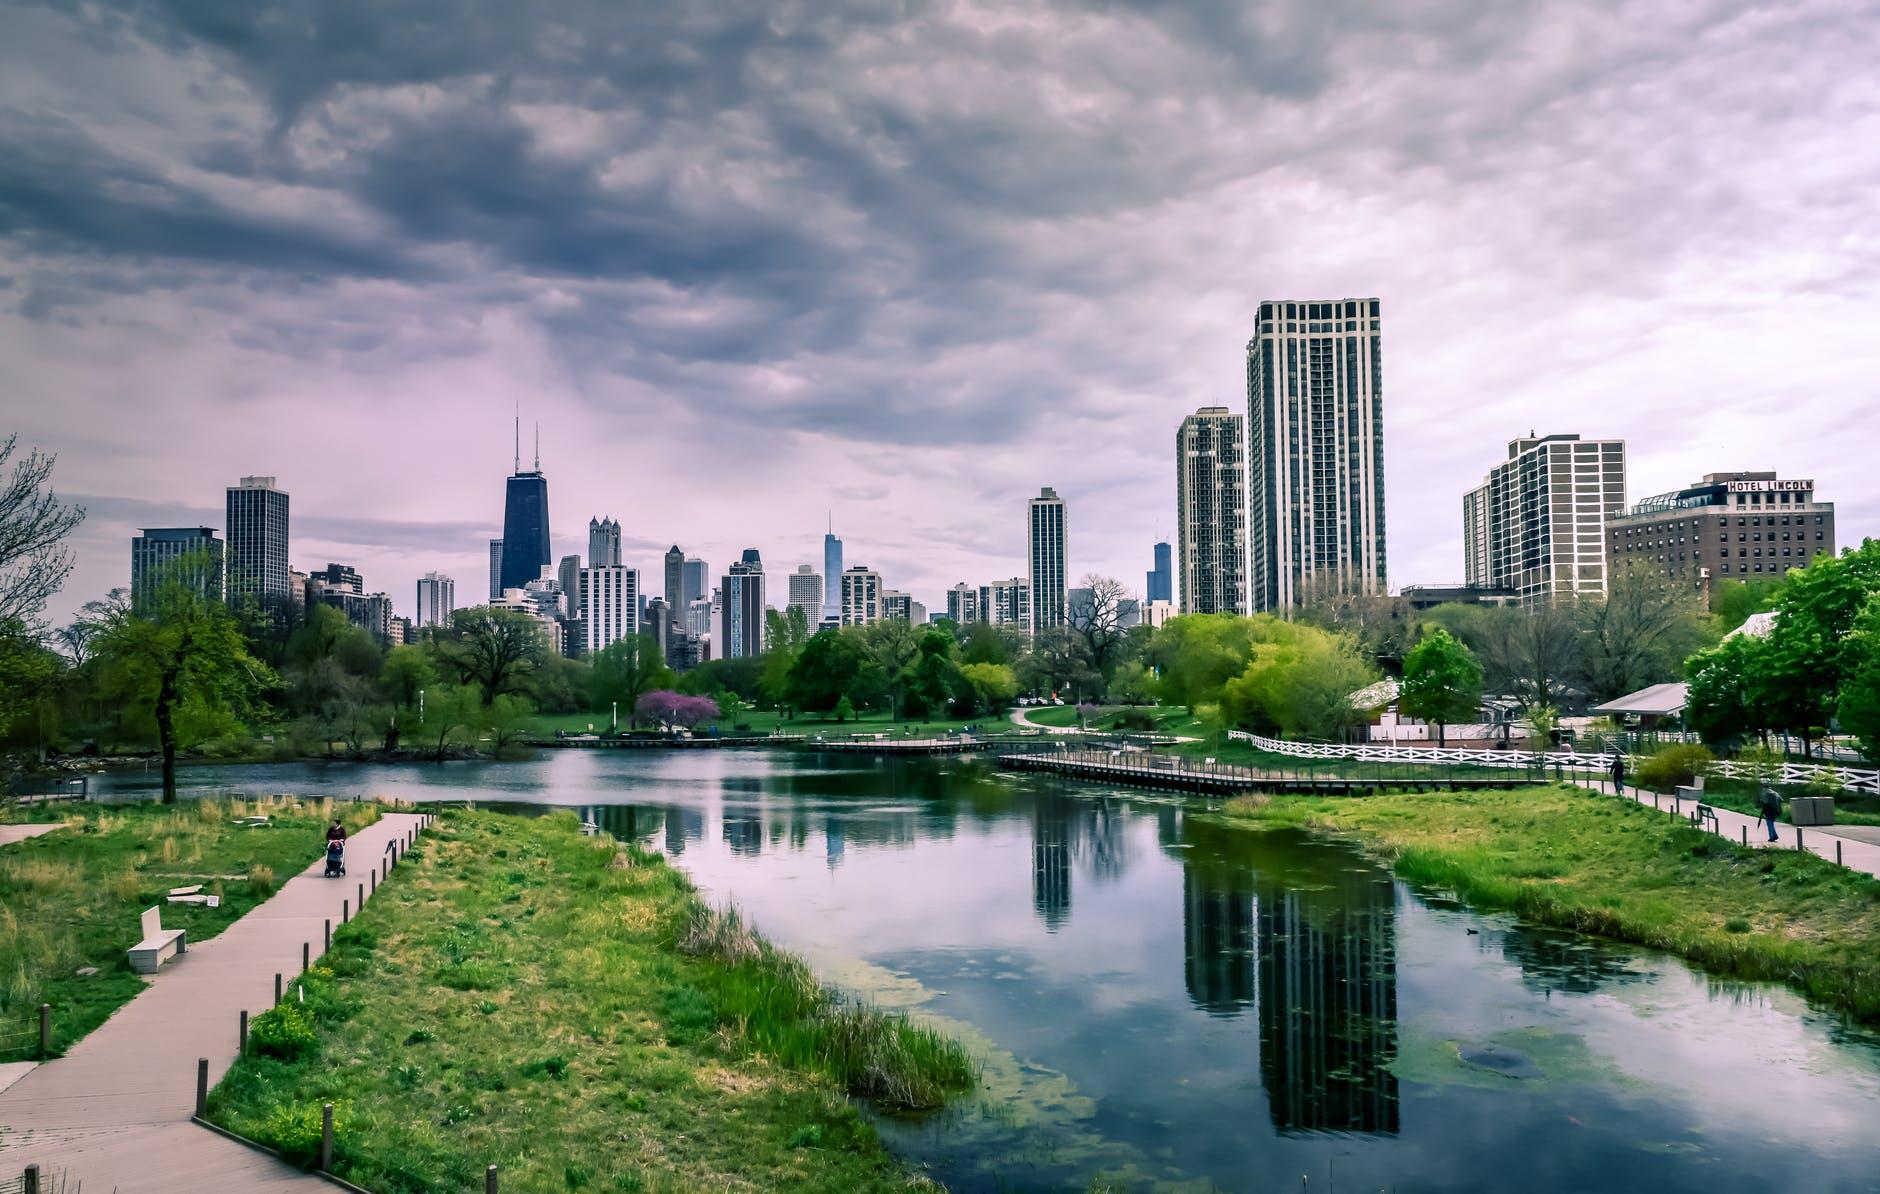 5 строящихся эко-городов, которые уже завтра станут реальностью